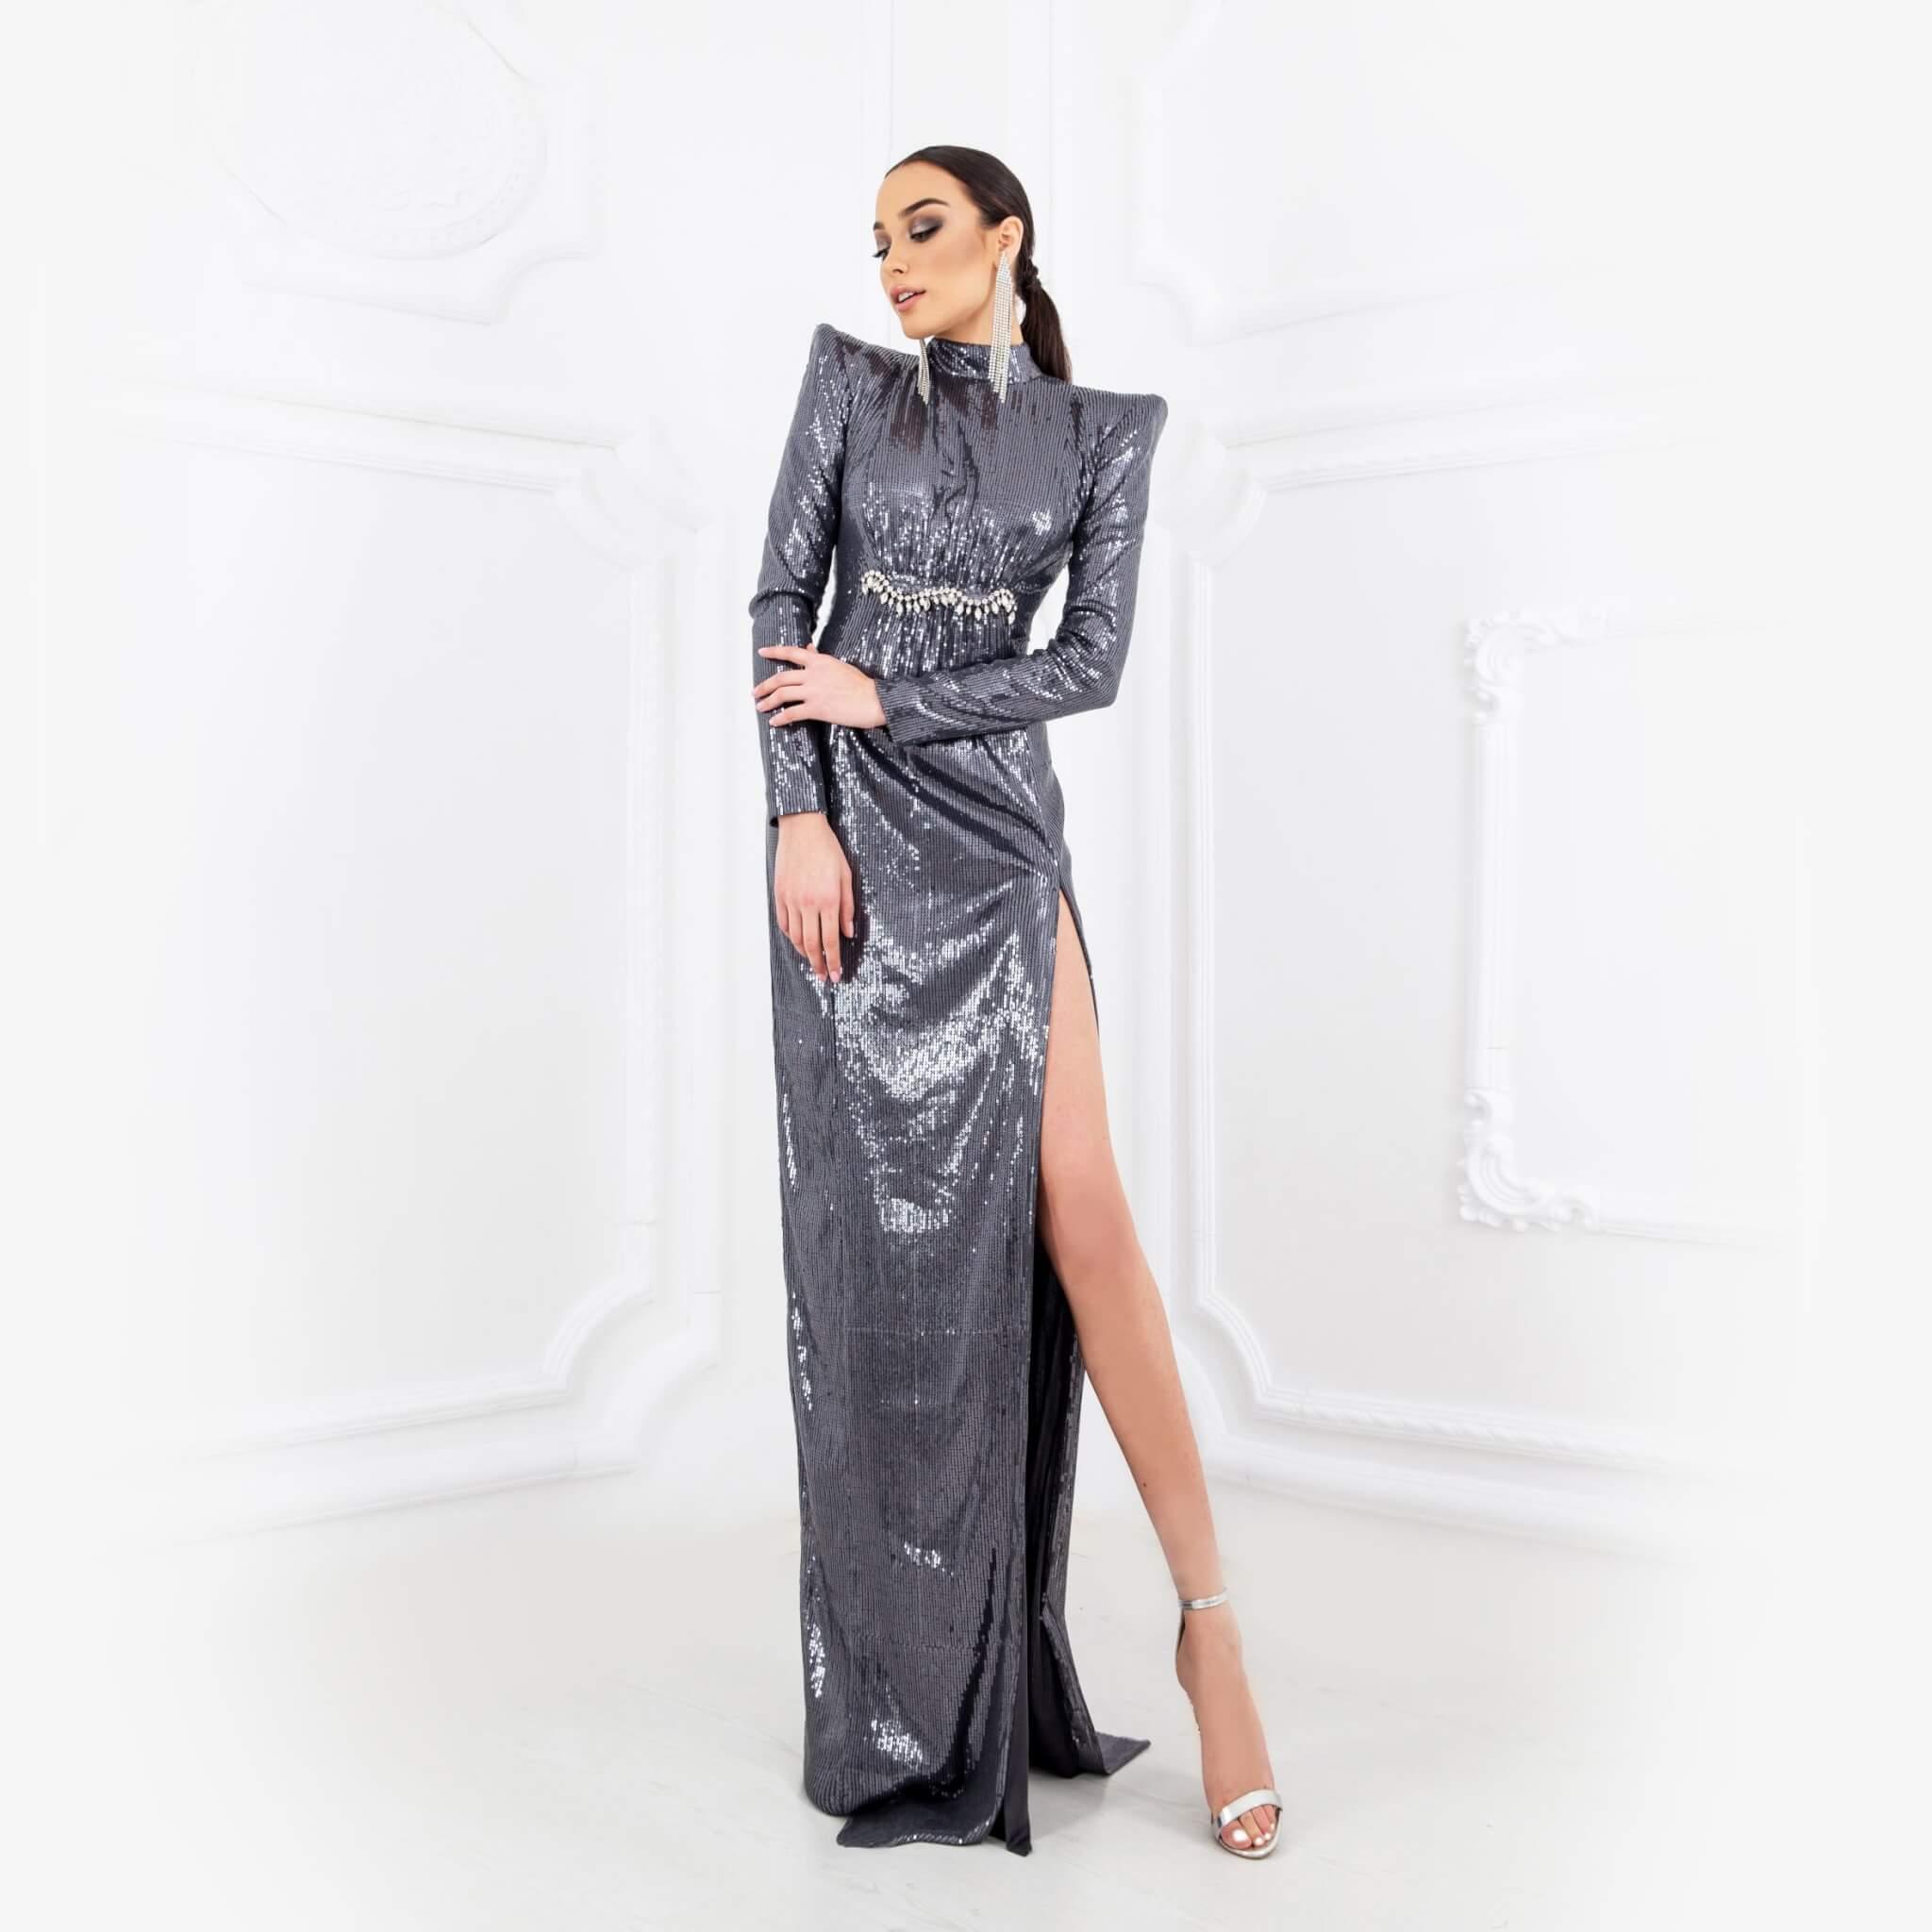 Сива рокля с пайети - 1100 лв.